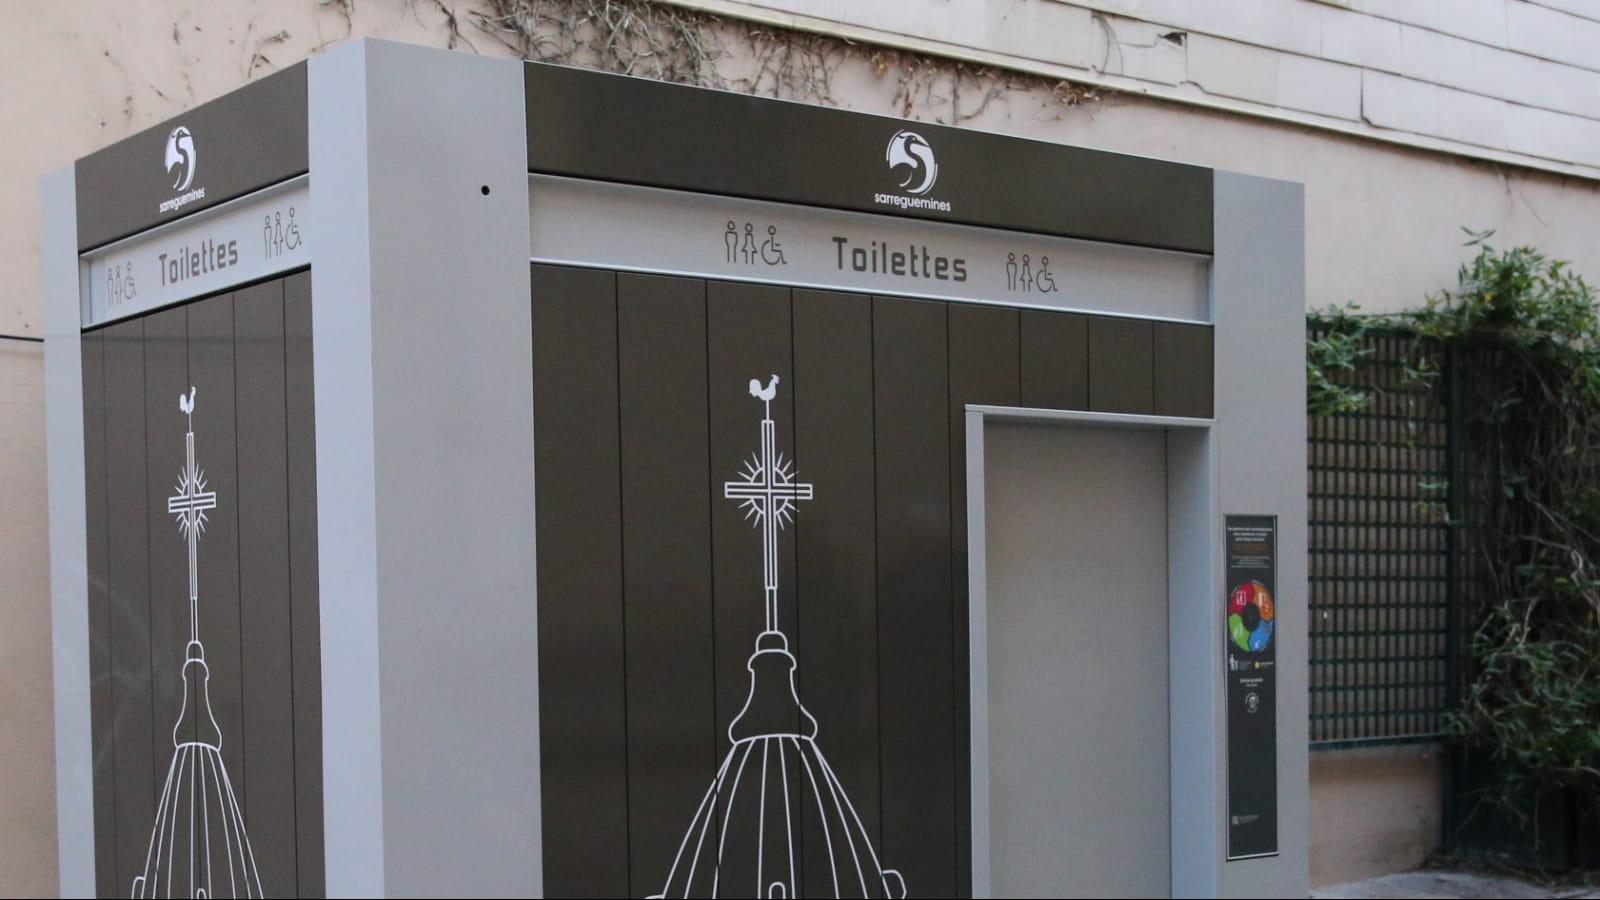 Toilette publique de Sarreguemines